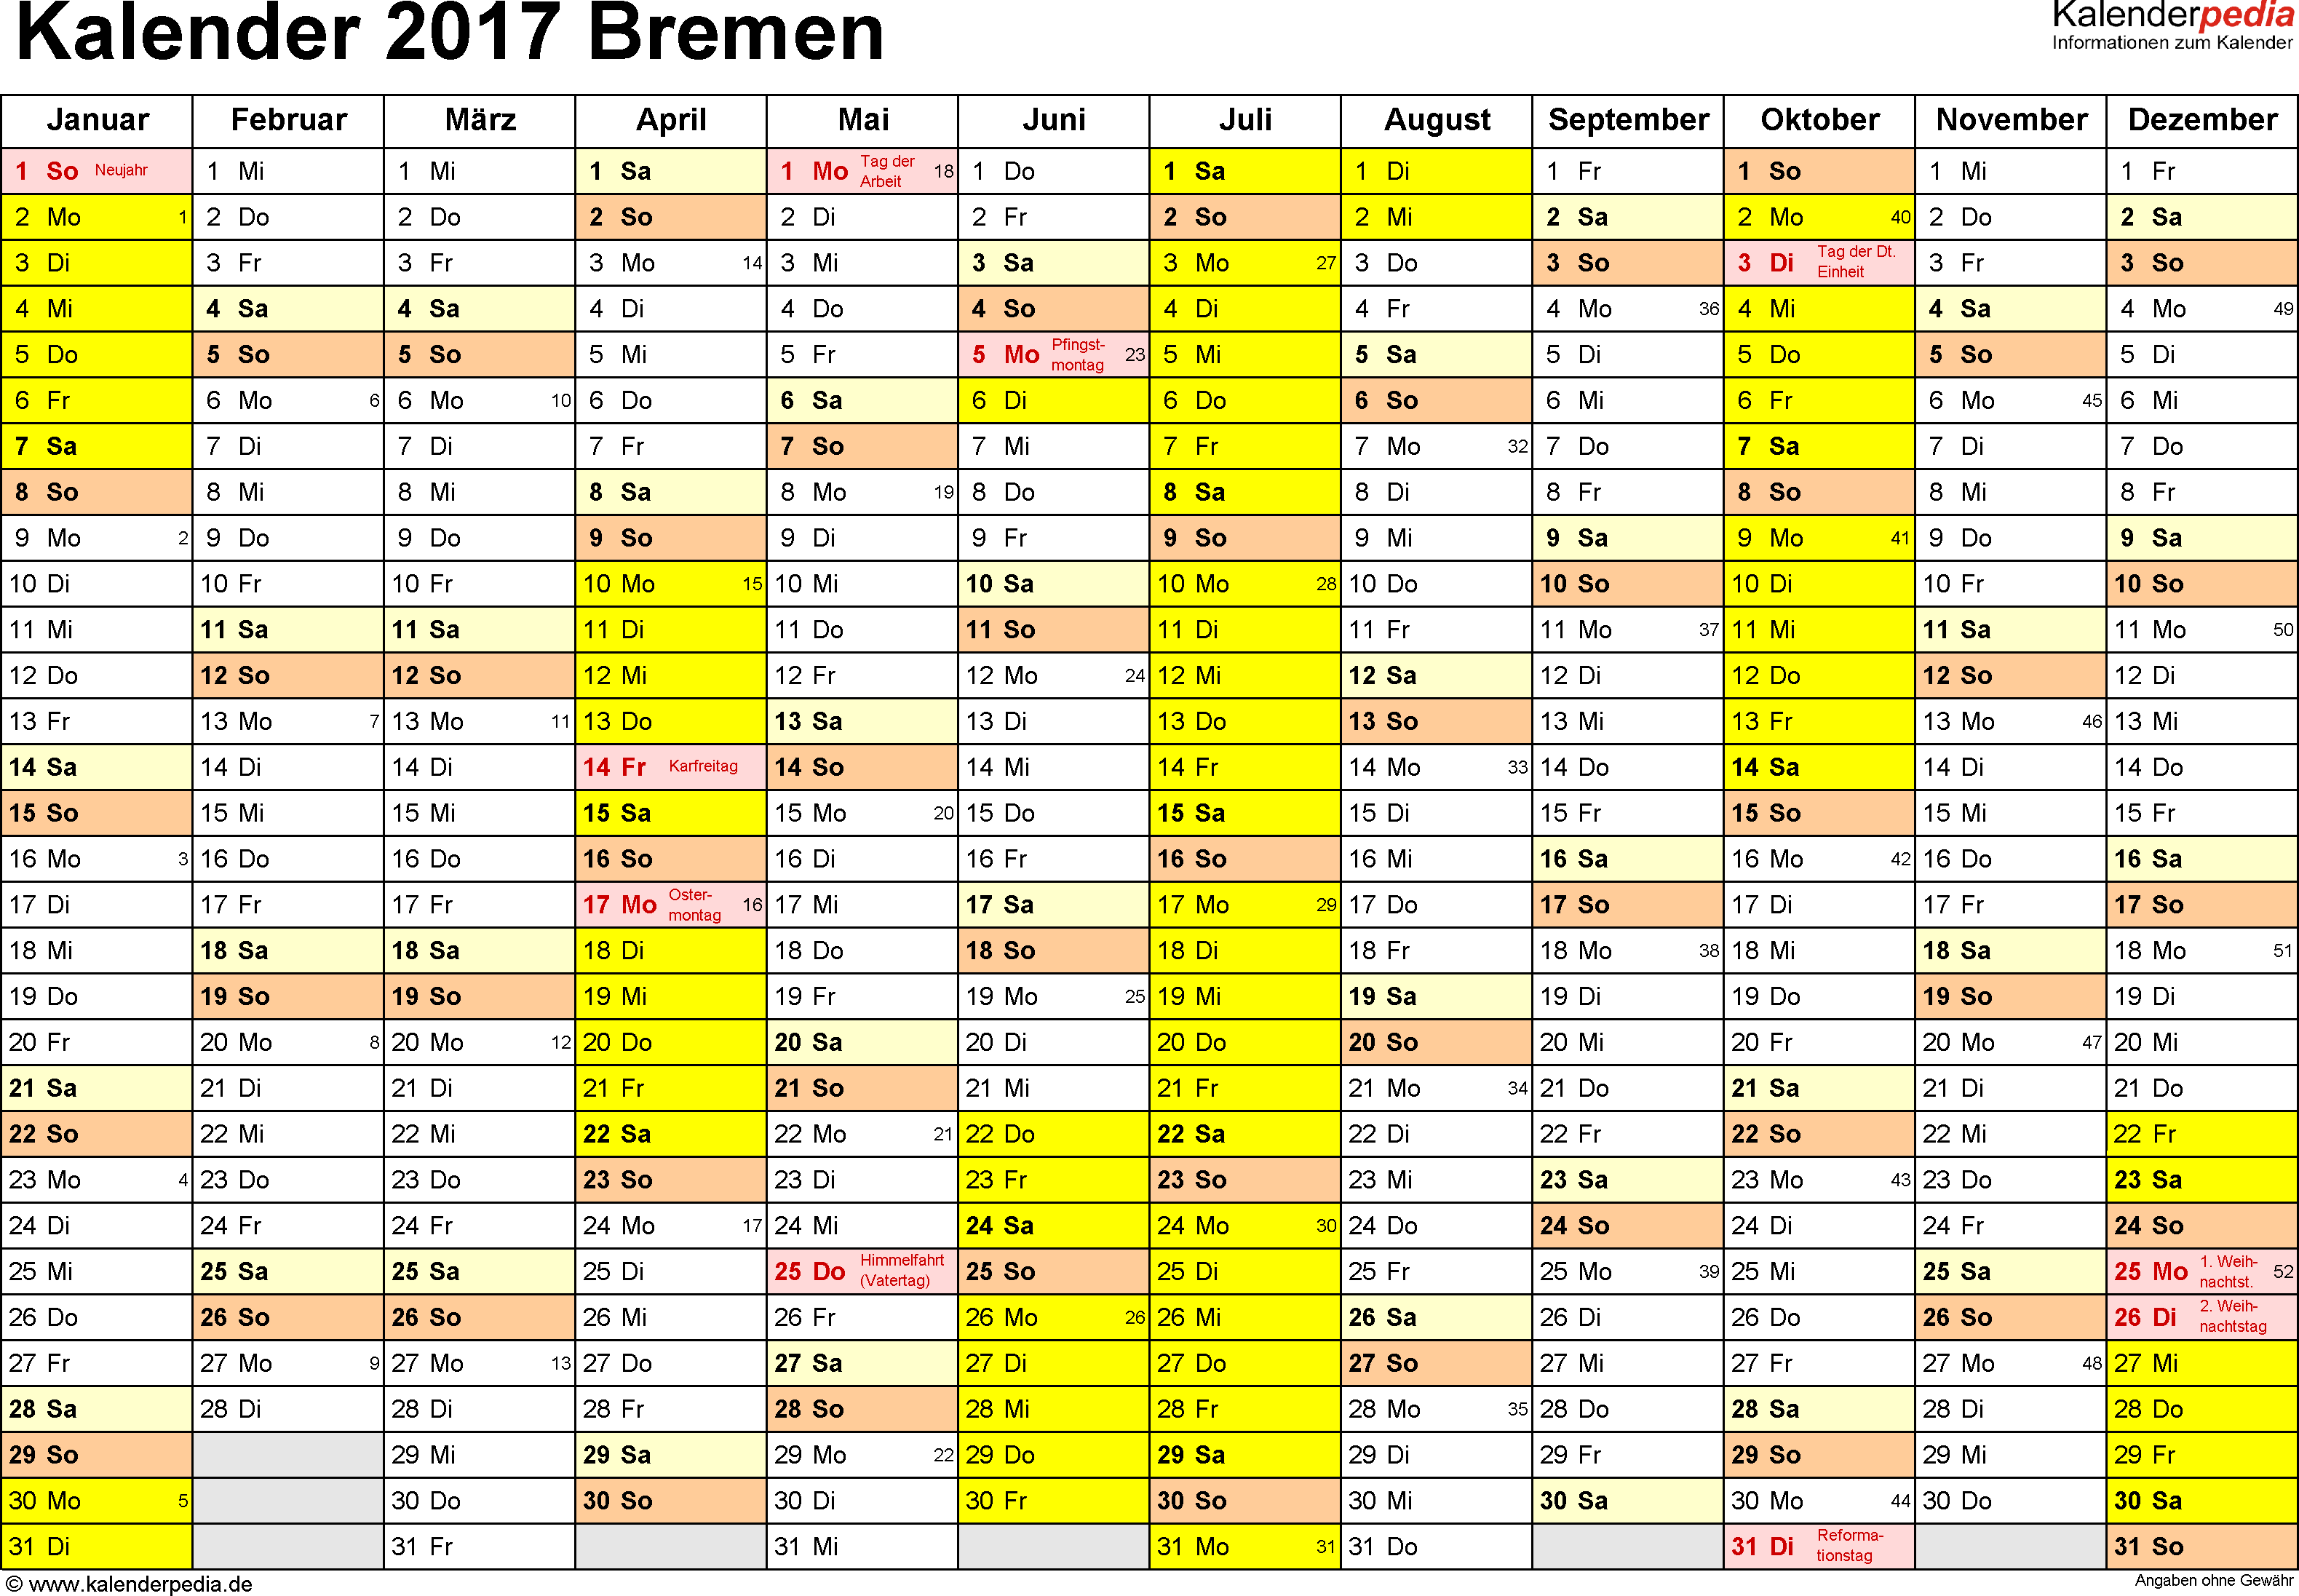 Vorlage 1: Kalender 2017 für Bremen als Excel-Vorlage (Querformat, 1 Seite)